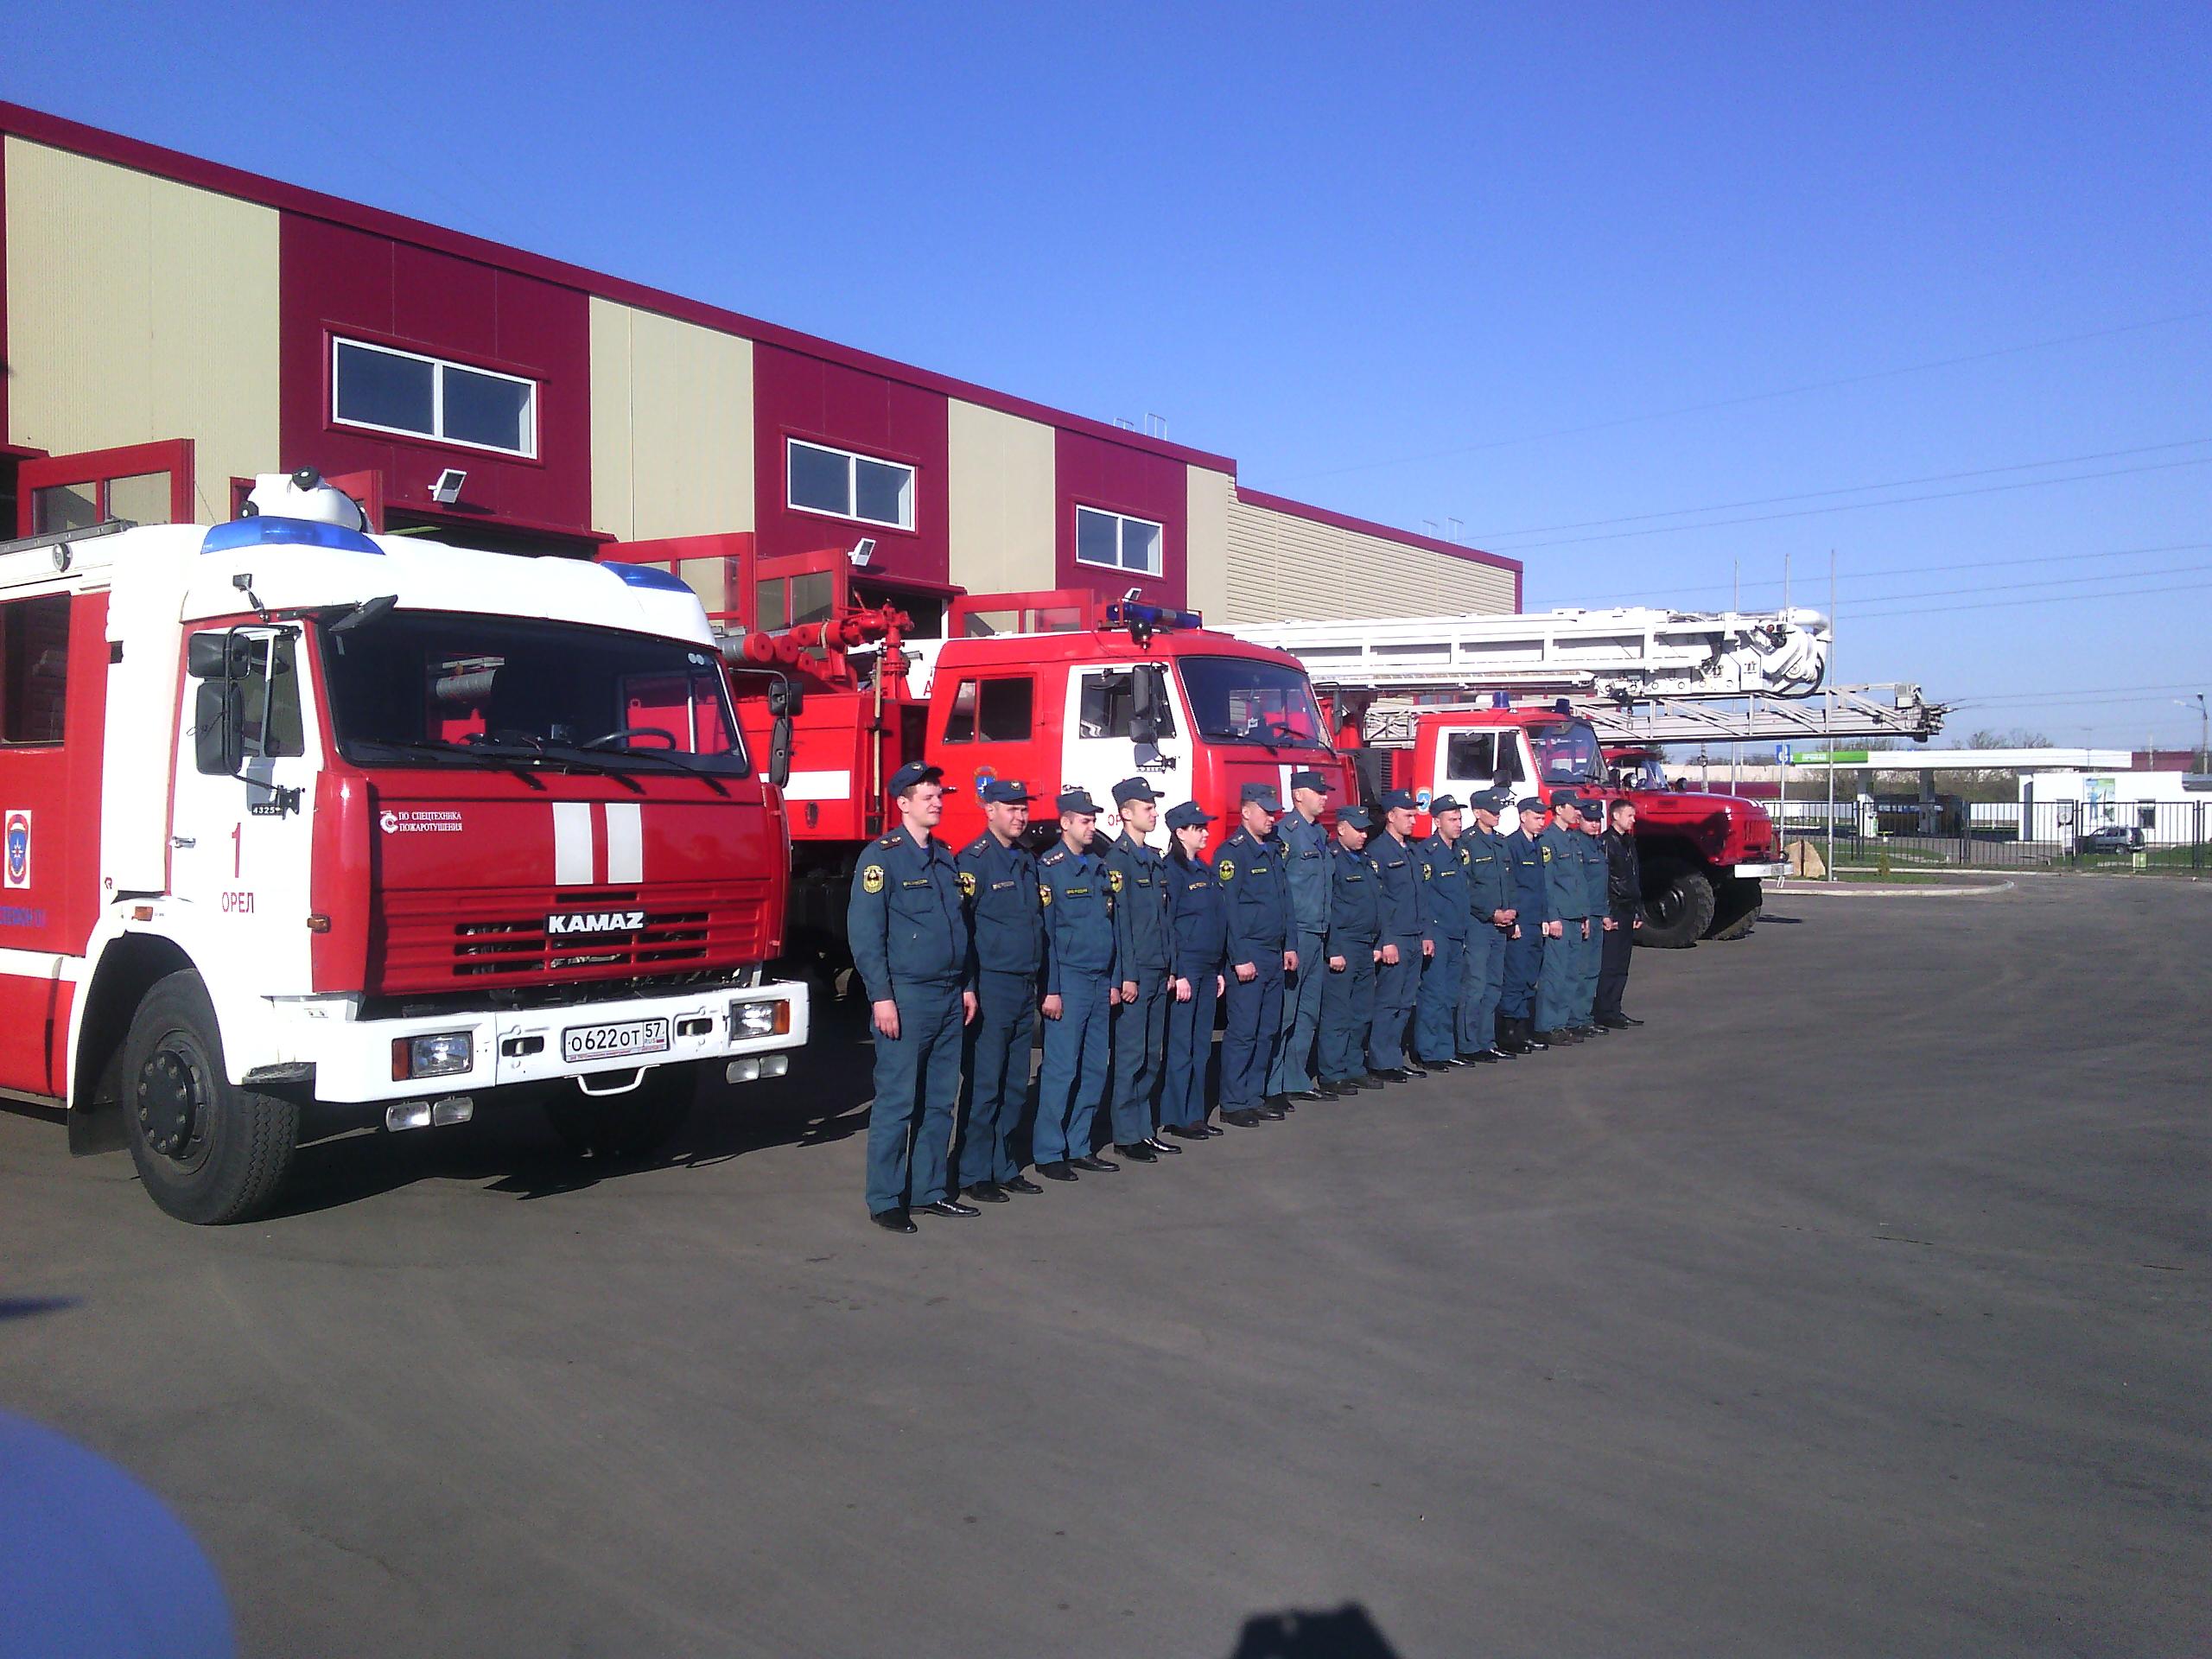 своей площади фото конкурс лучшая пожарная часть москва большом городе